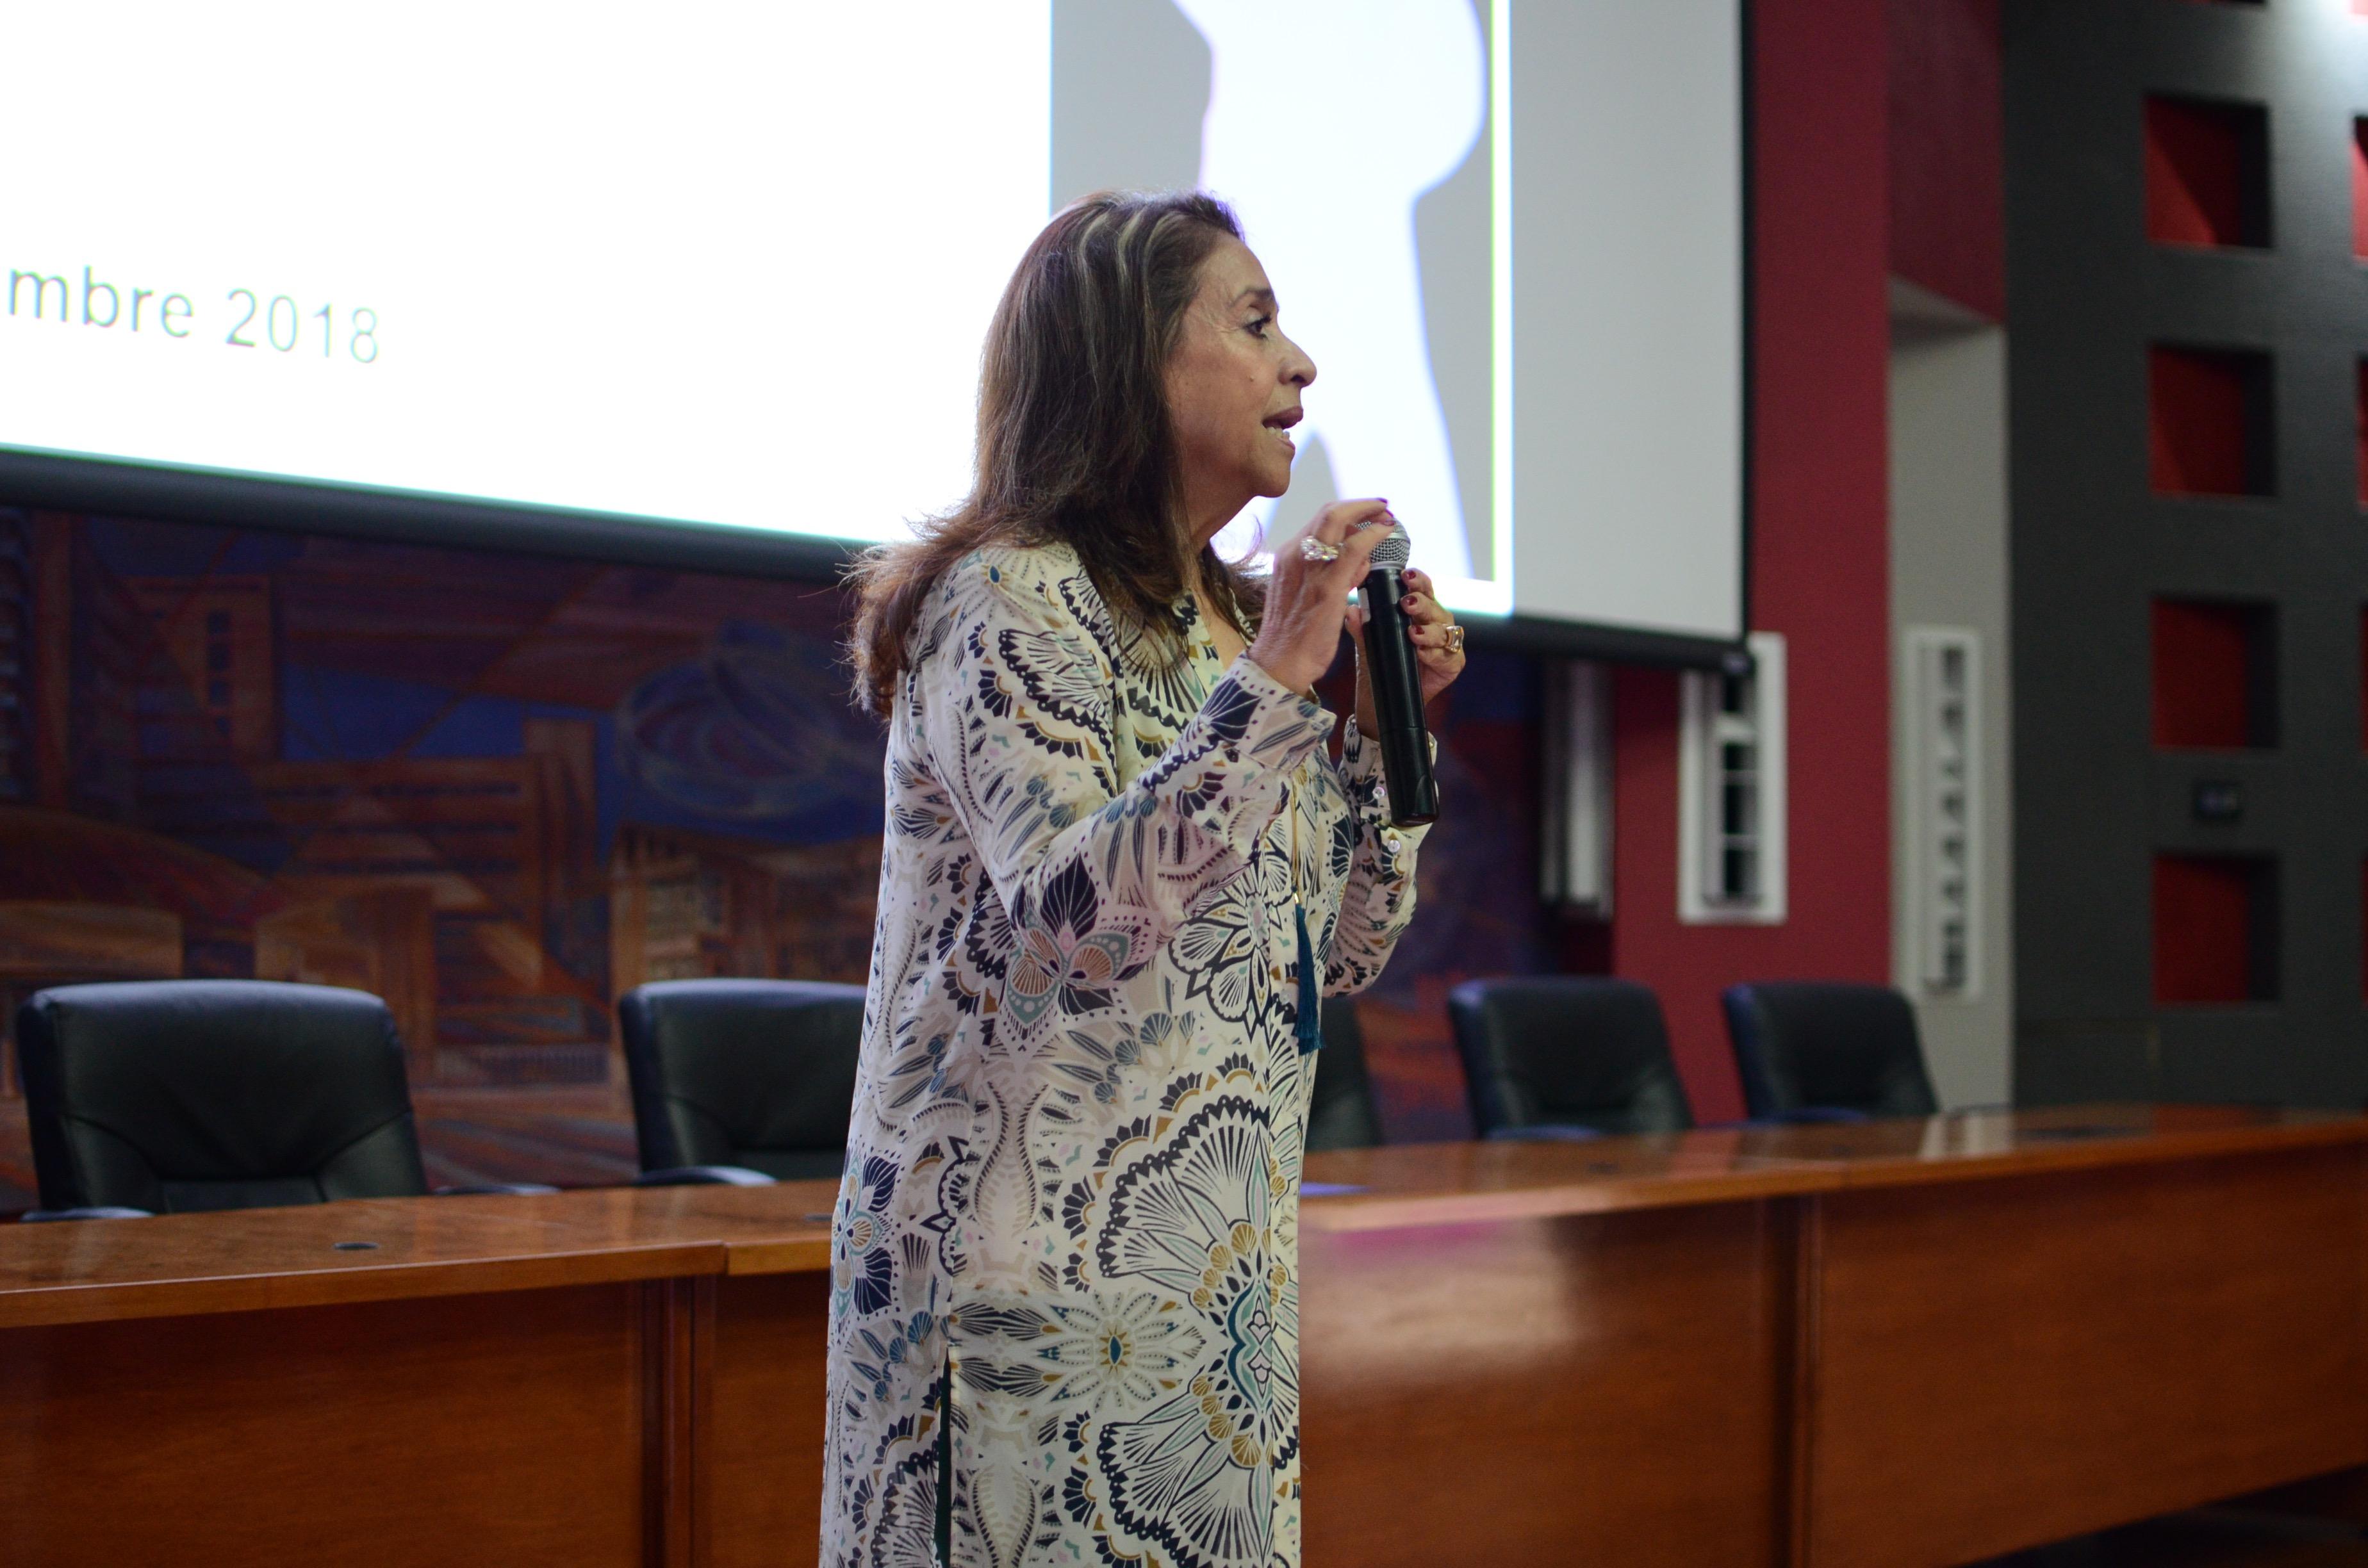 Dra. Norma Quezada al micrófono dando palabras de bienvenida